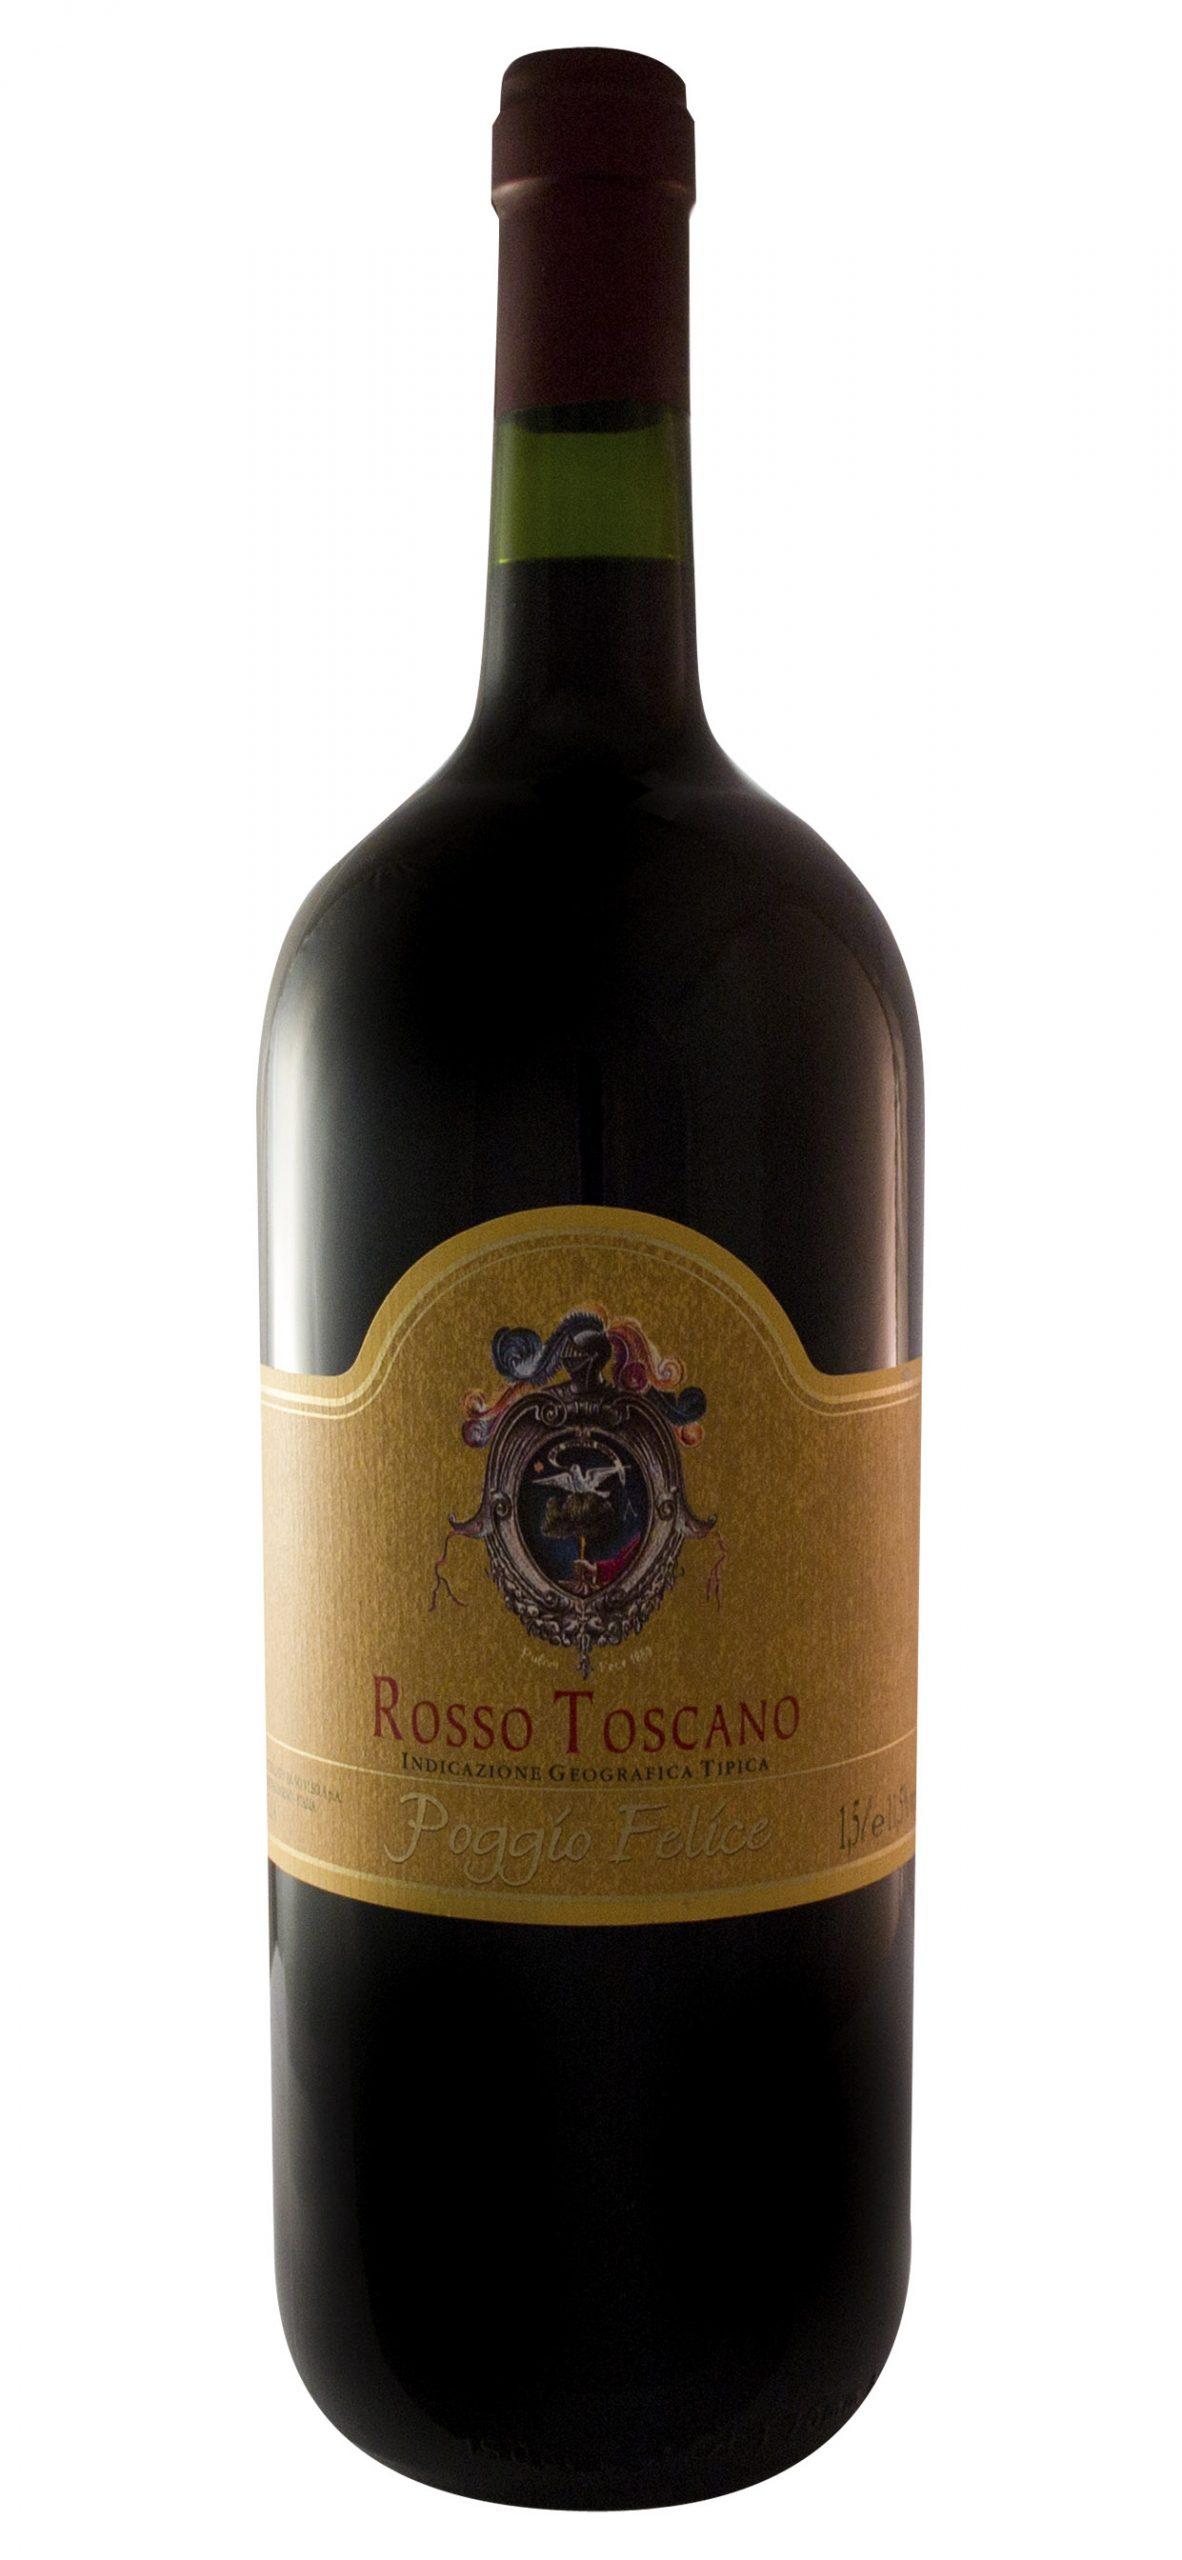 TOSCANO ROSSO 1,5 POGGIO FELICE